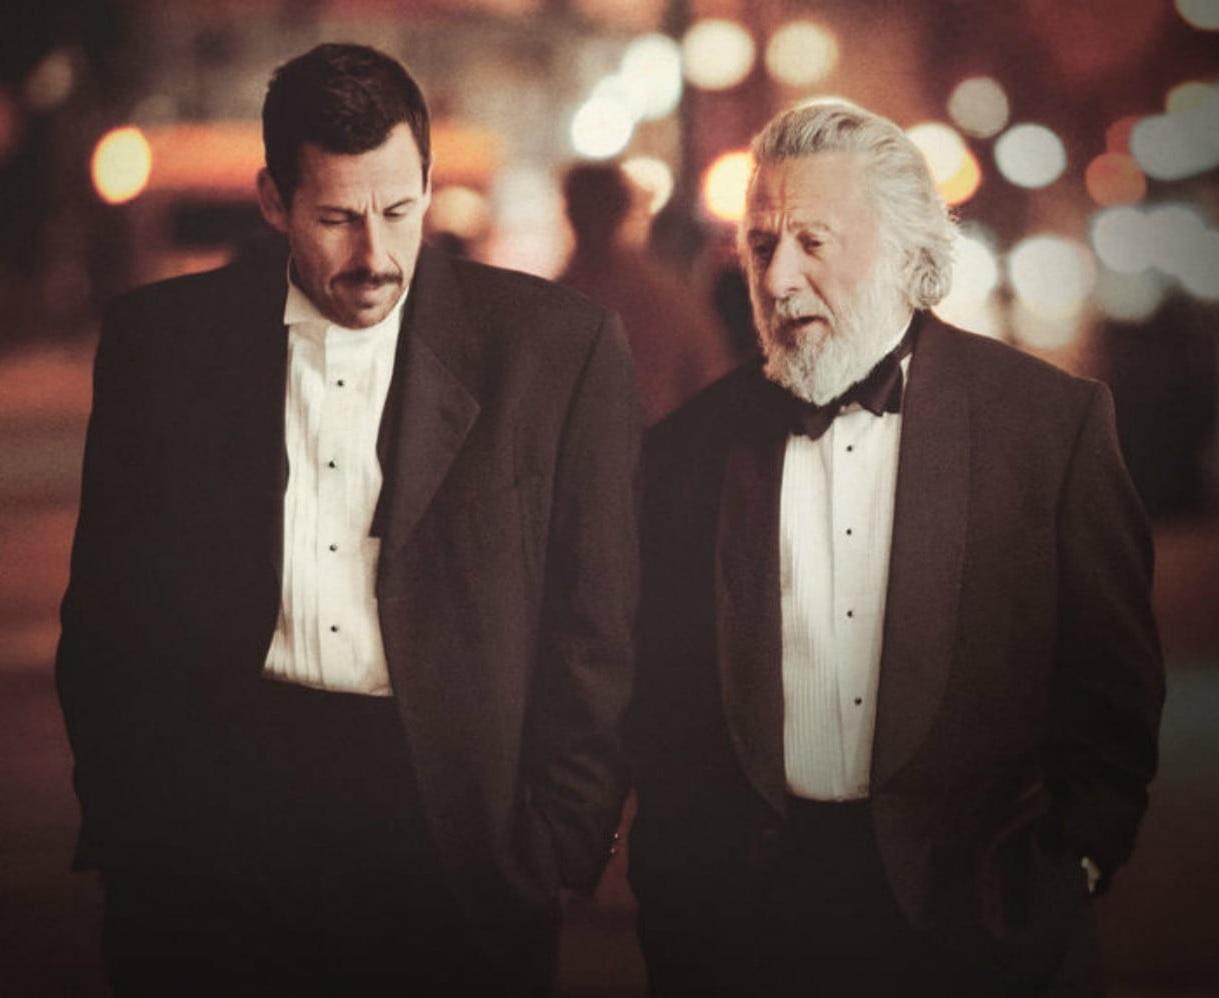 Повз касу: 6 найкращих фільмів-2017, які не вийшли в прокат